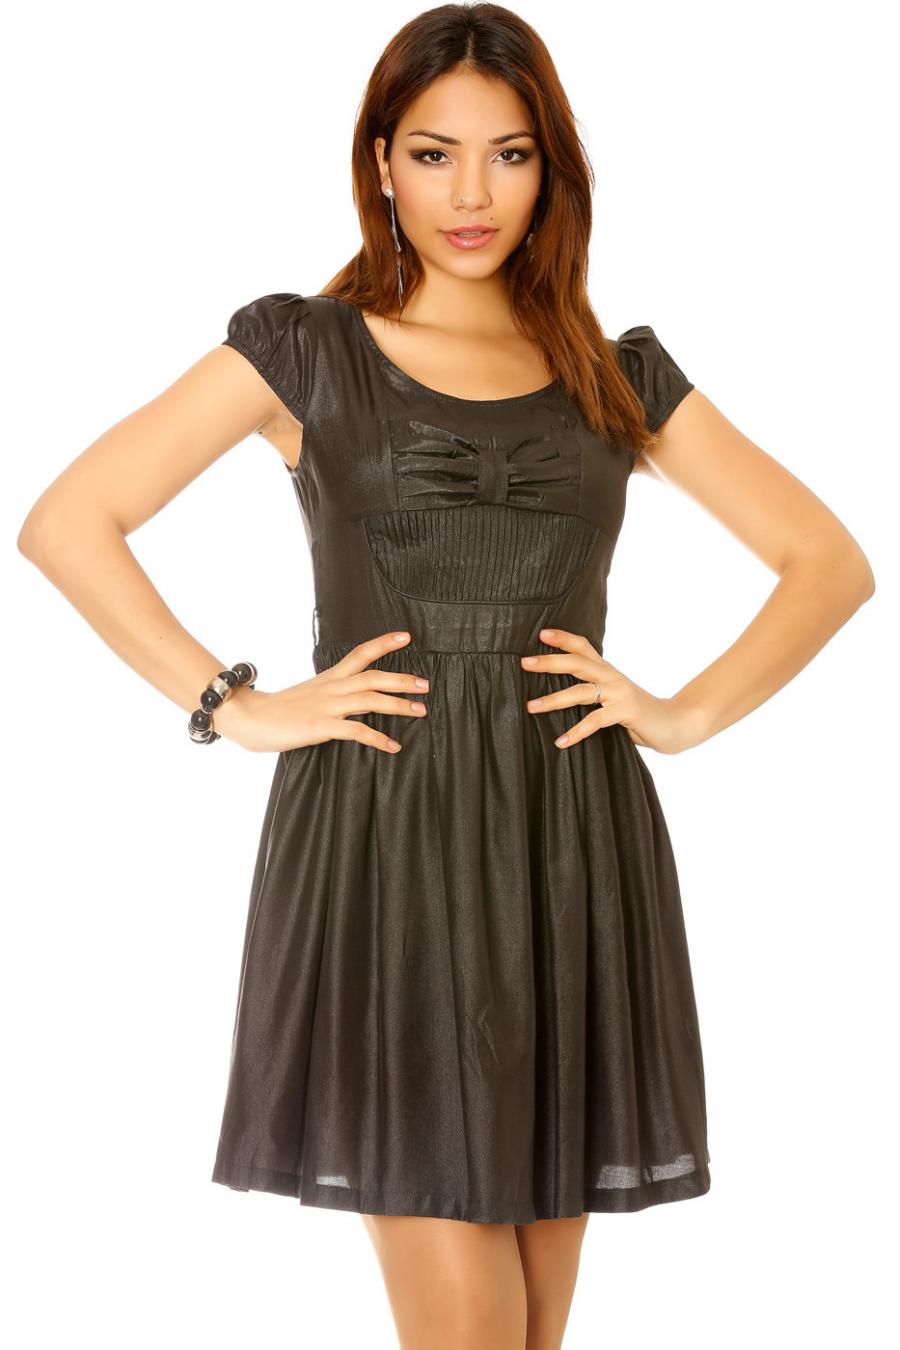 Robe brillante en noir avec noeud papillon devant. Mode femme pas cher W-1015